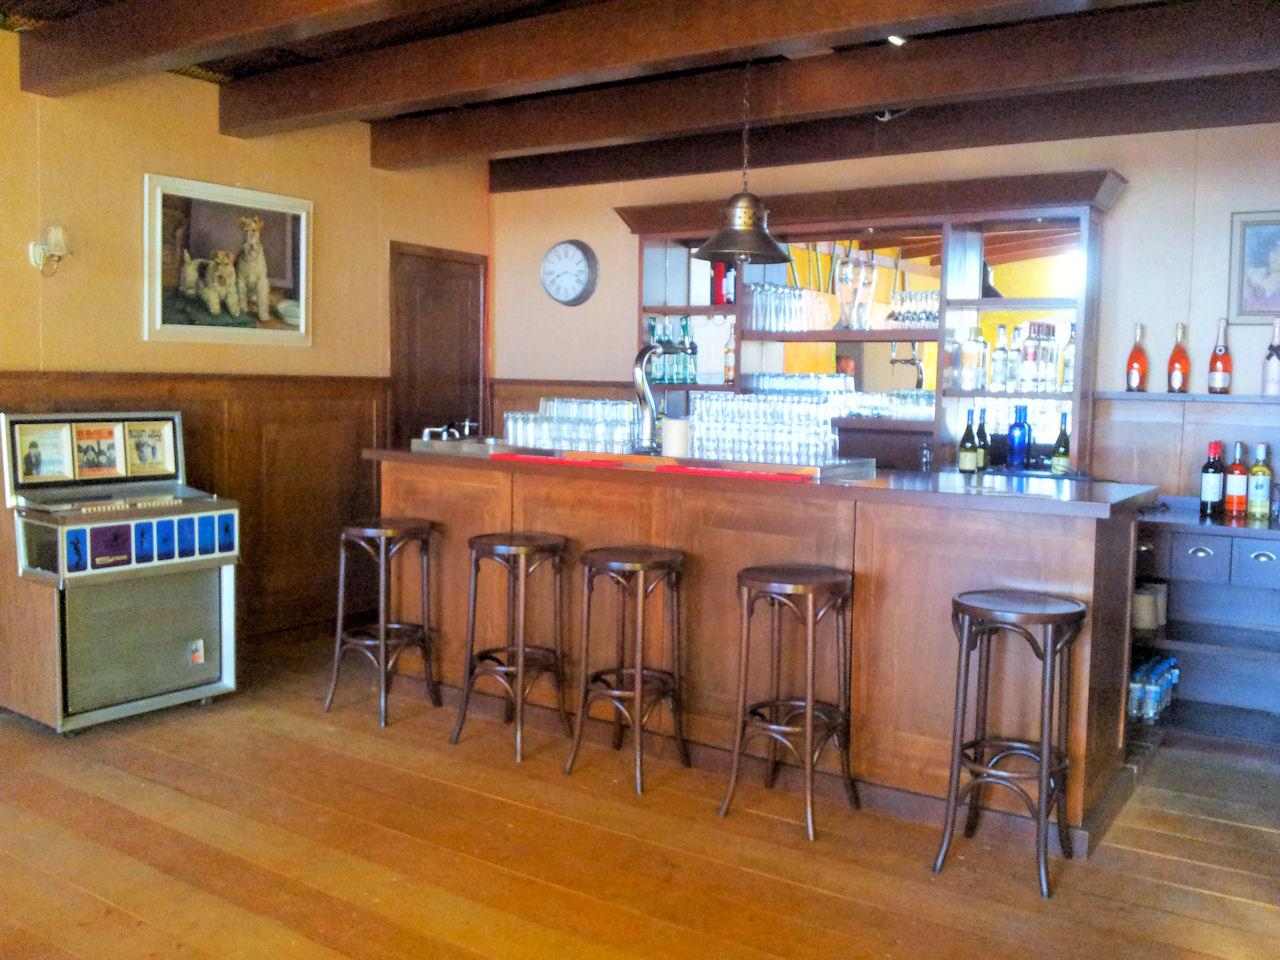 bar kees opent vandaag voor het publiek ibiza vandaag. Black Bedroom Furniture Sets. Home Design Ideas